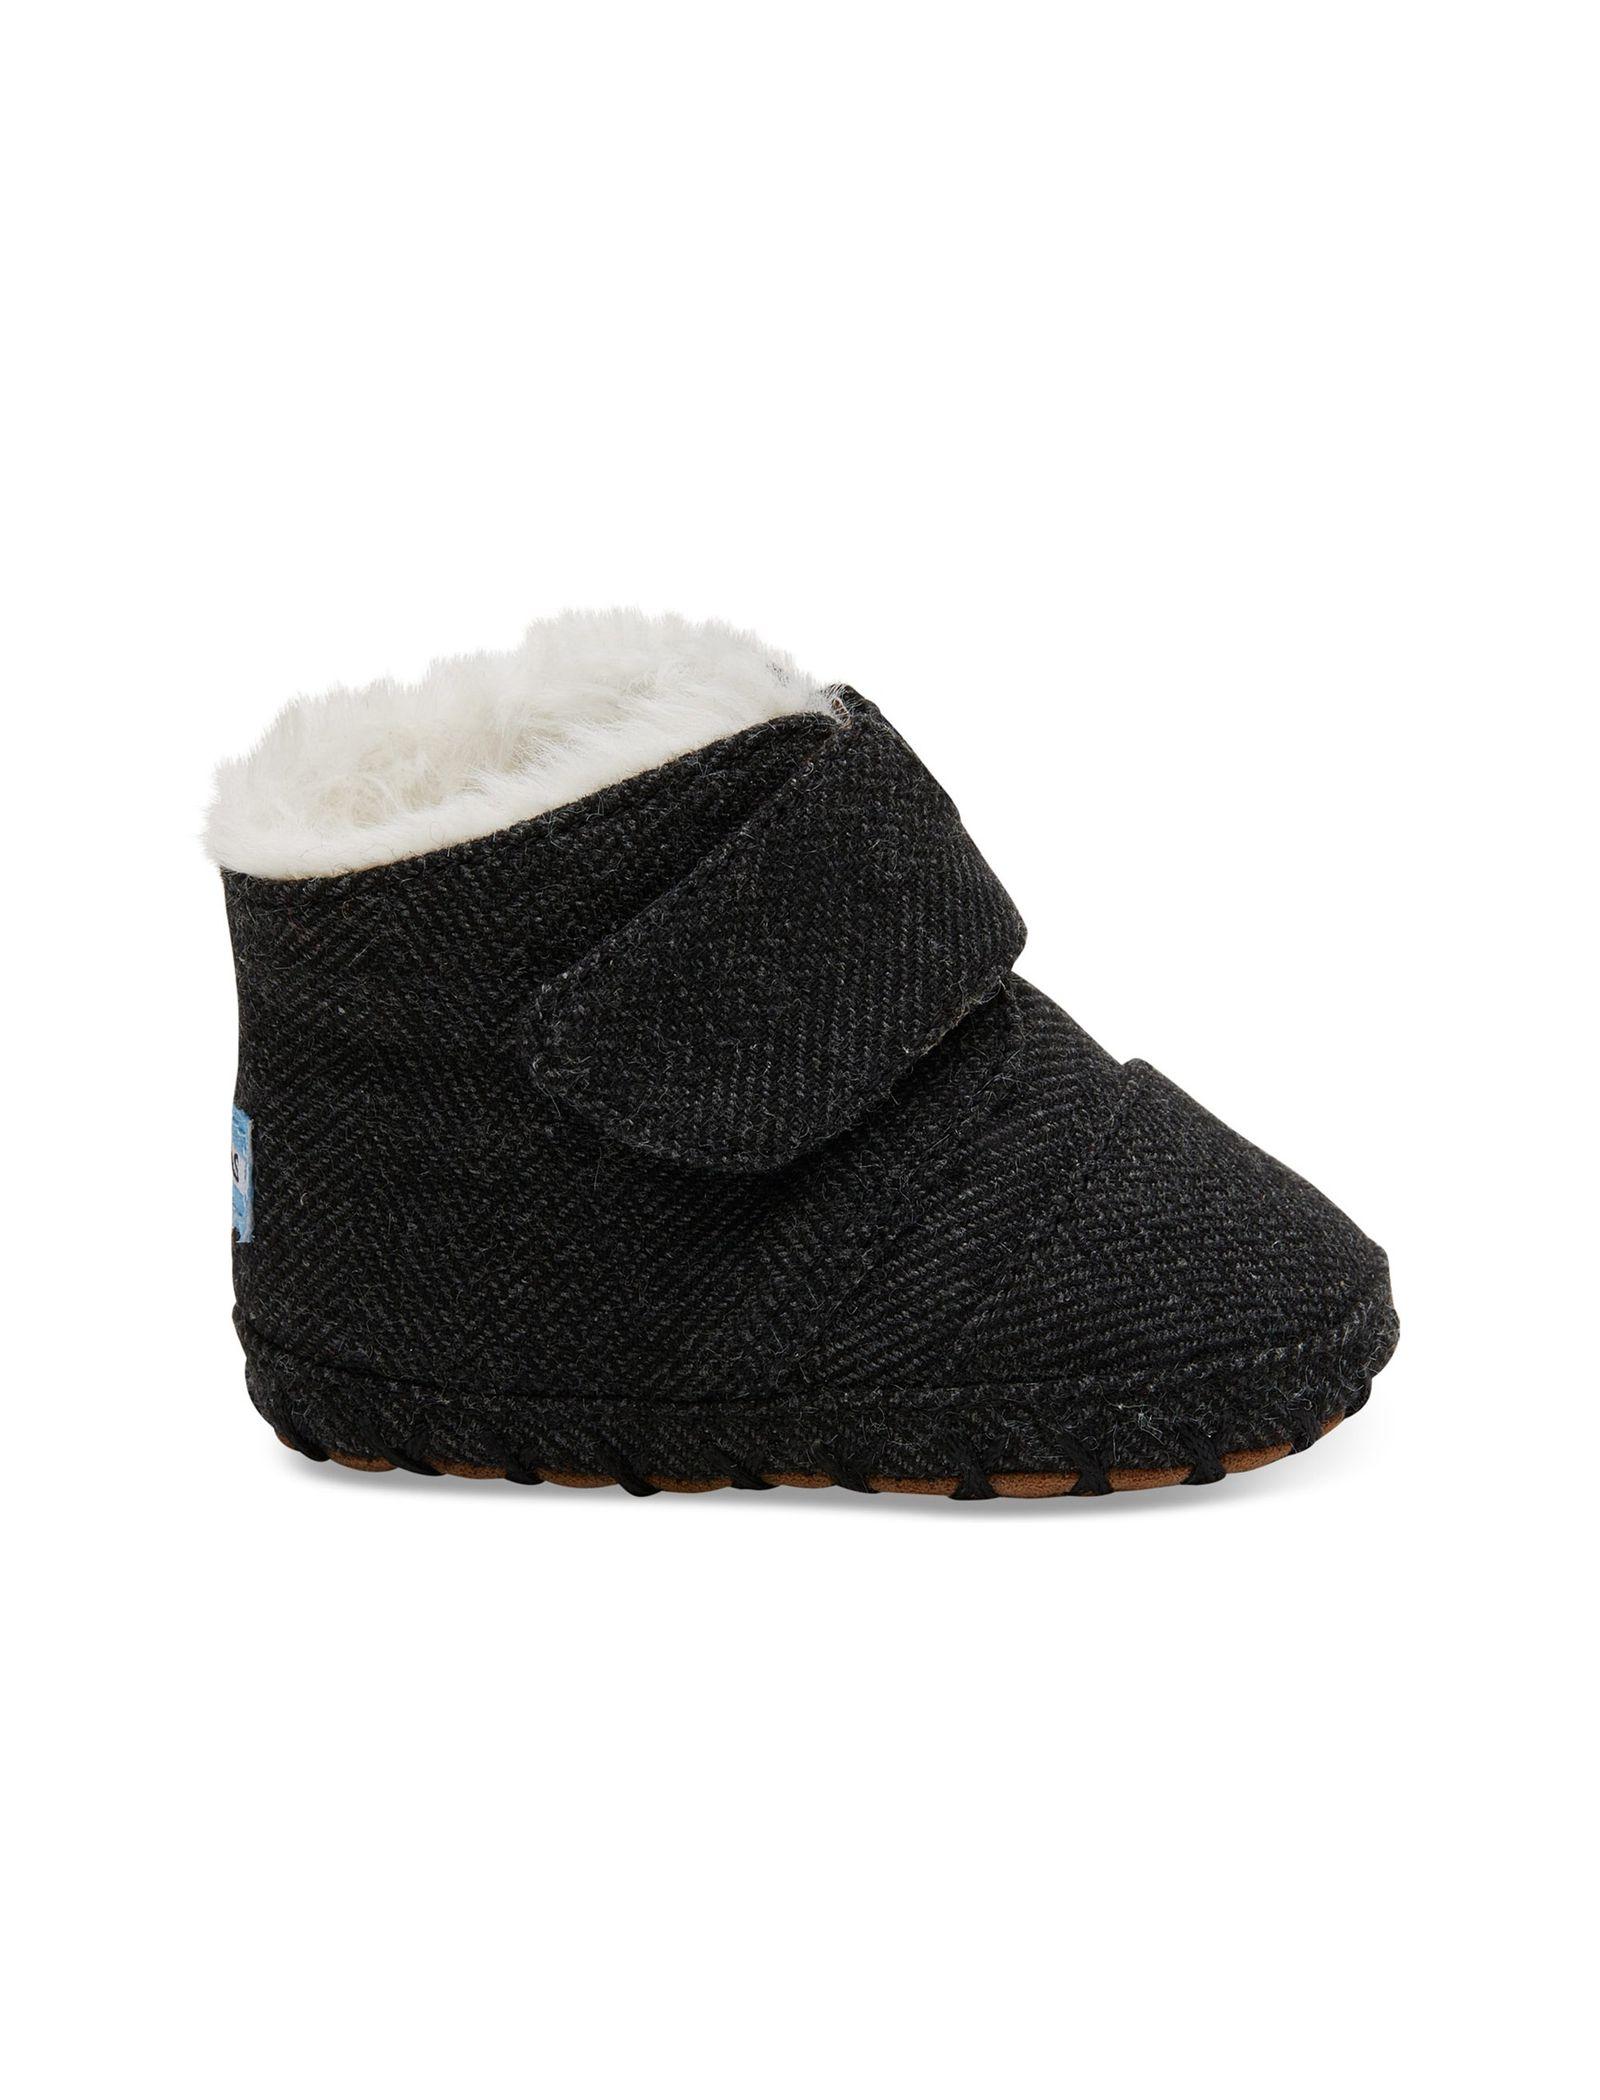 کفش پارچه ای چسبی نوزادی - تامز - مشکي - 1